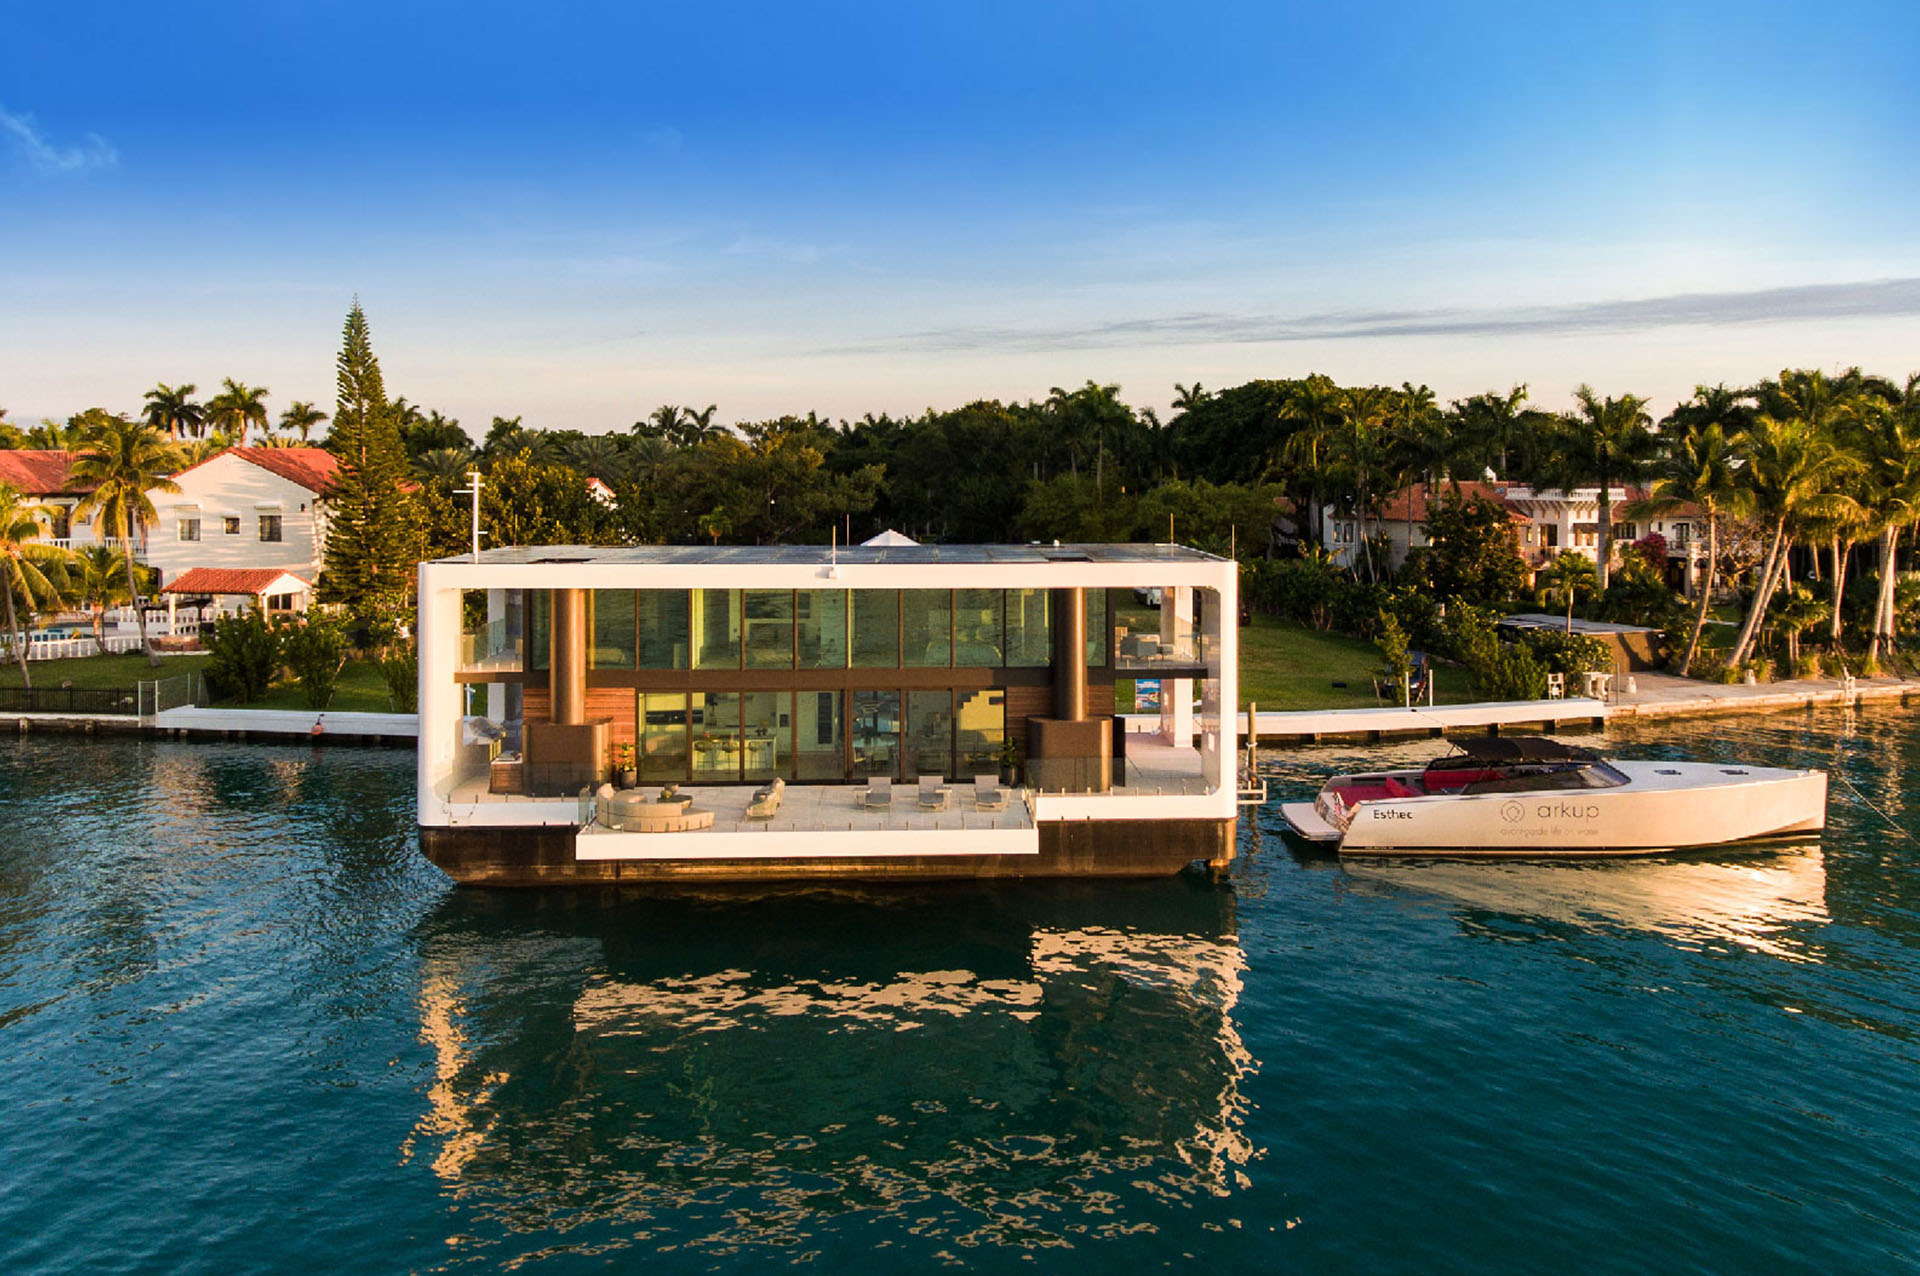 Arkup Floating Mansion